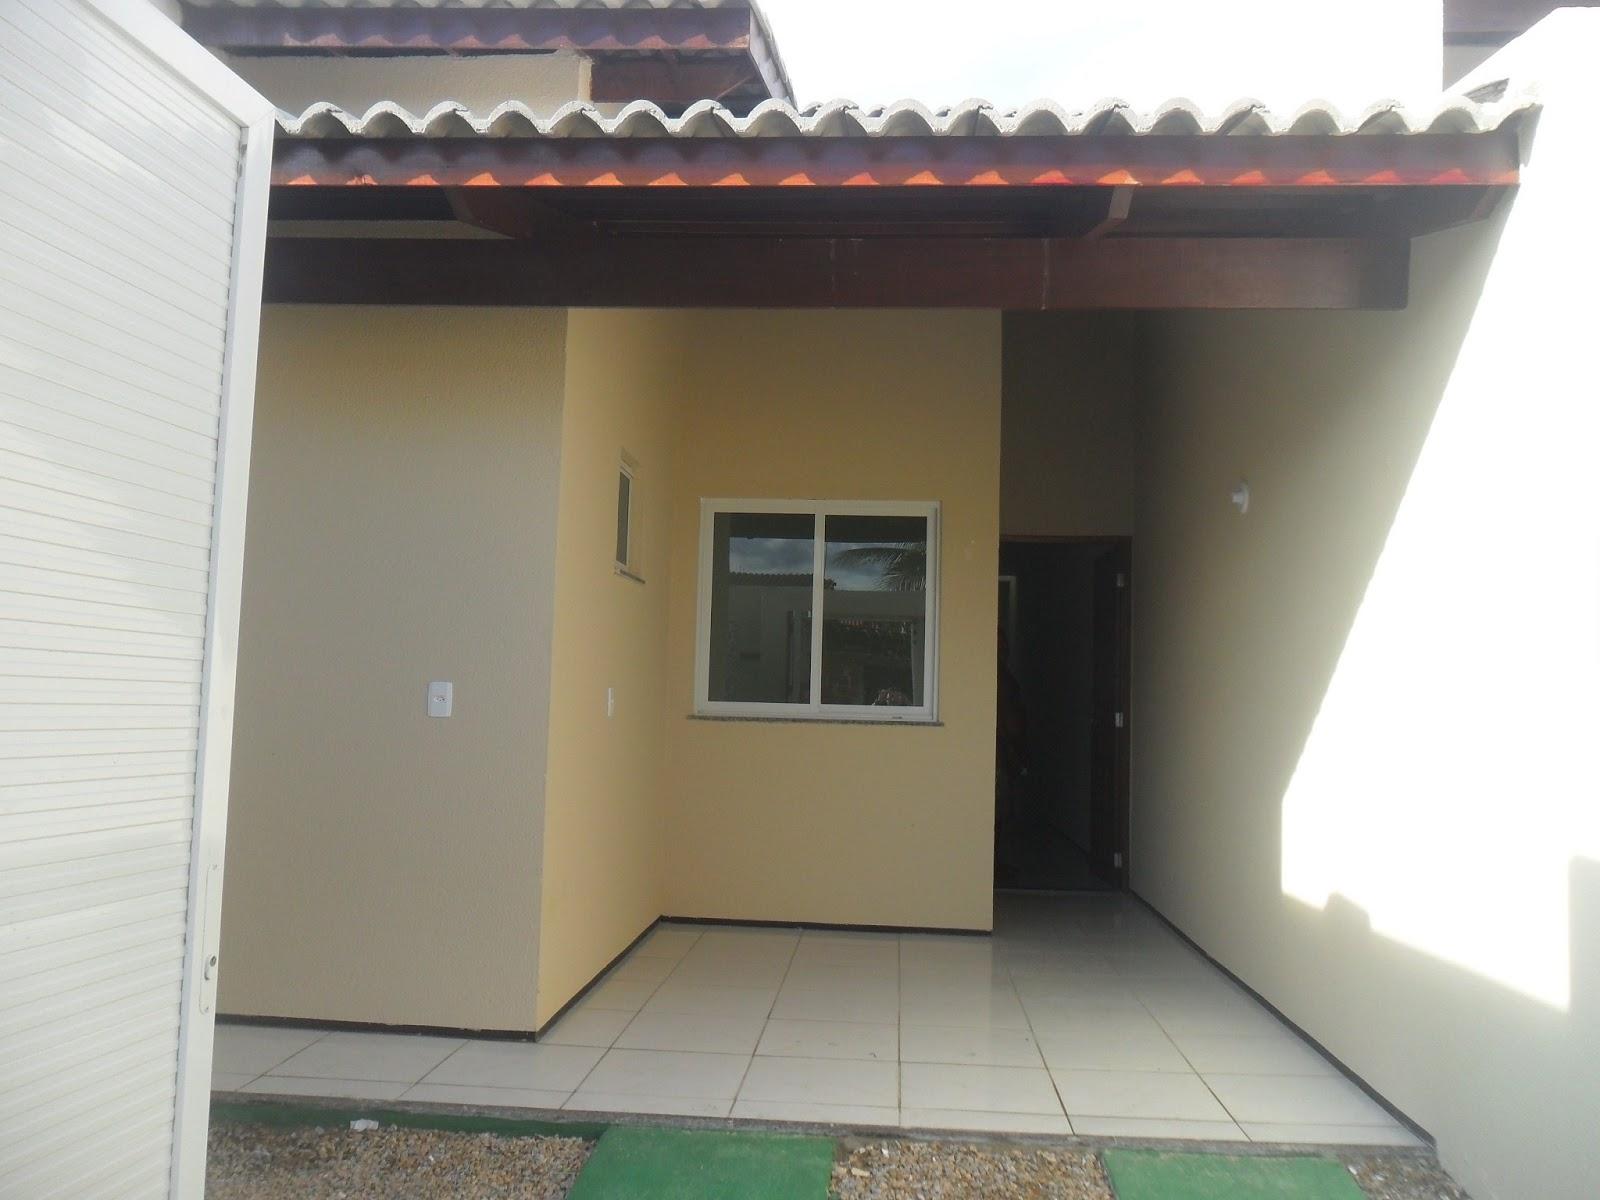 / 97469375/85671125 Casa plana 2 quartos sendo 1 suite banheiro  #836248 1600 1200